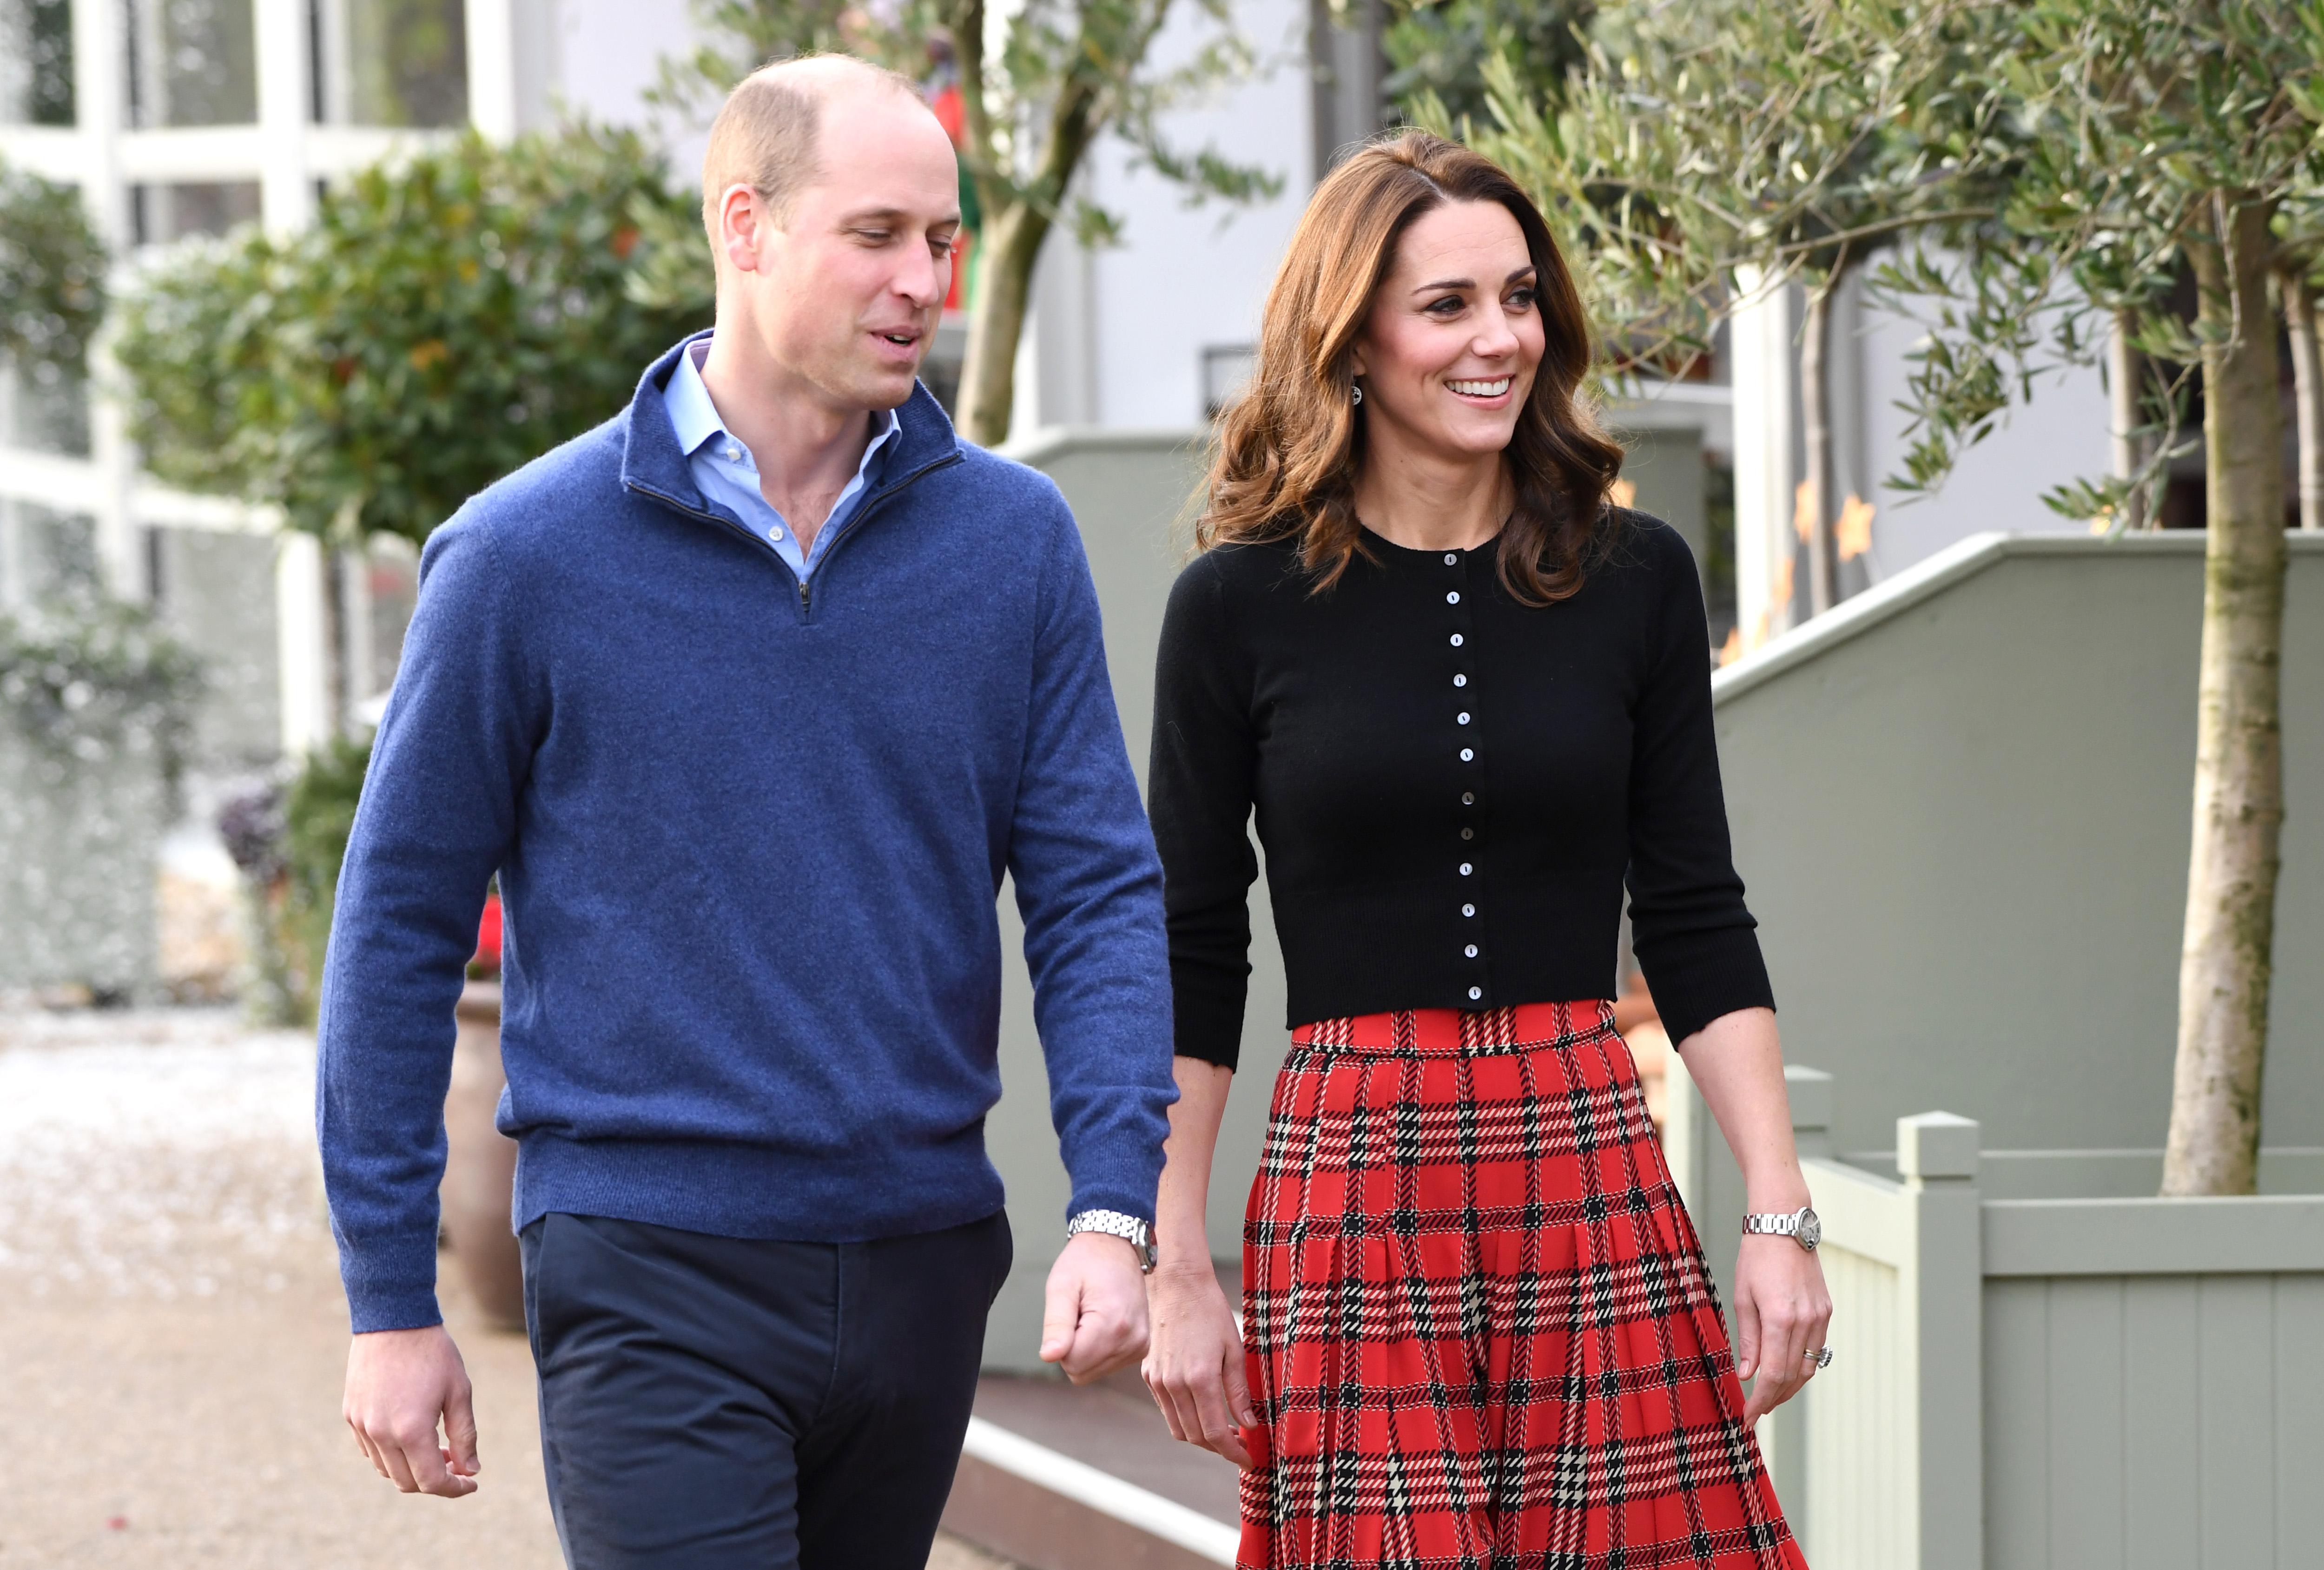 Кейт Мидълтън присъства на две коледни партите в рамките на един ден. Първото бе организирано за децата на военните, а второто - в Бъкингамския дворец, но в чест на дипломатическия корпус.